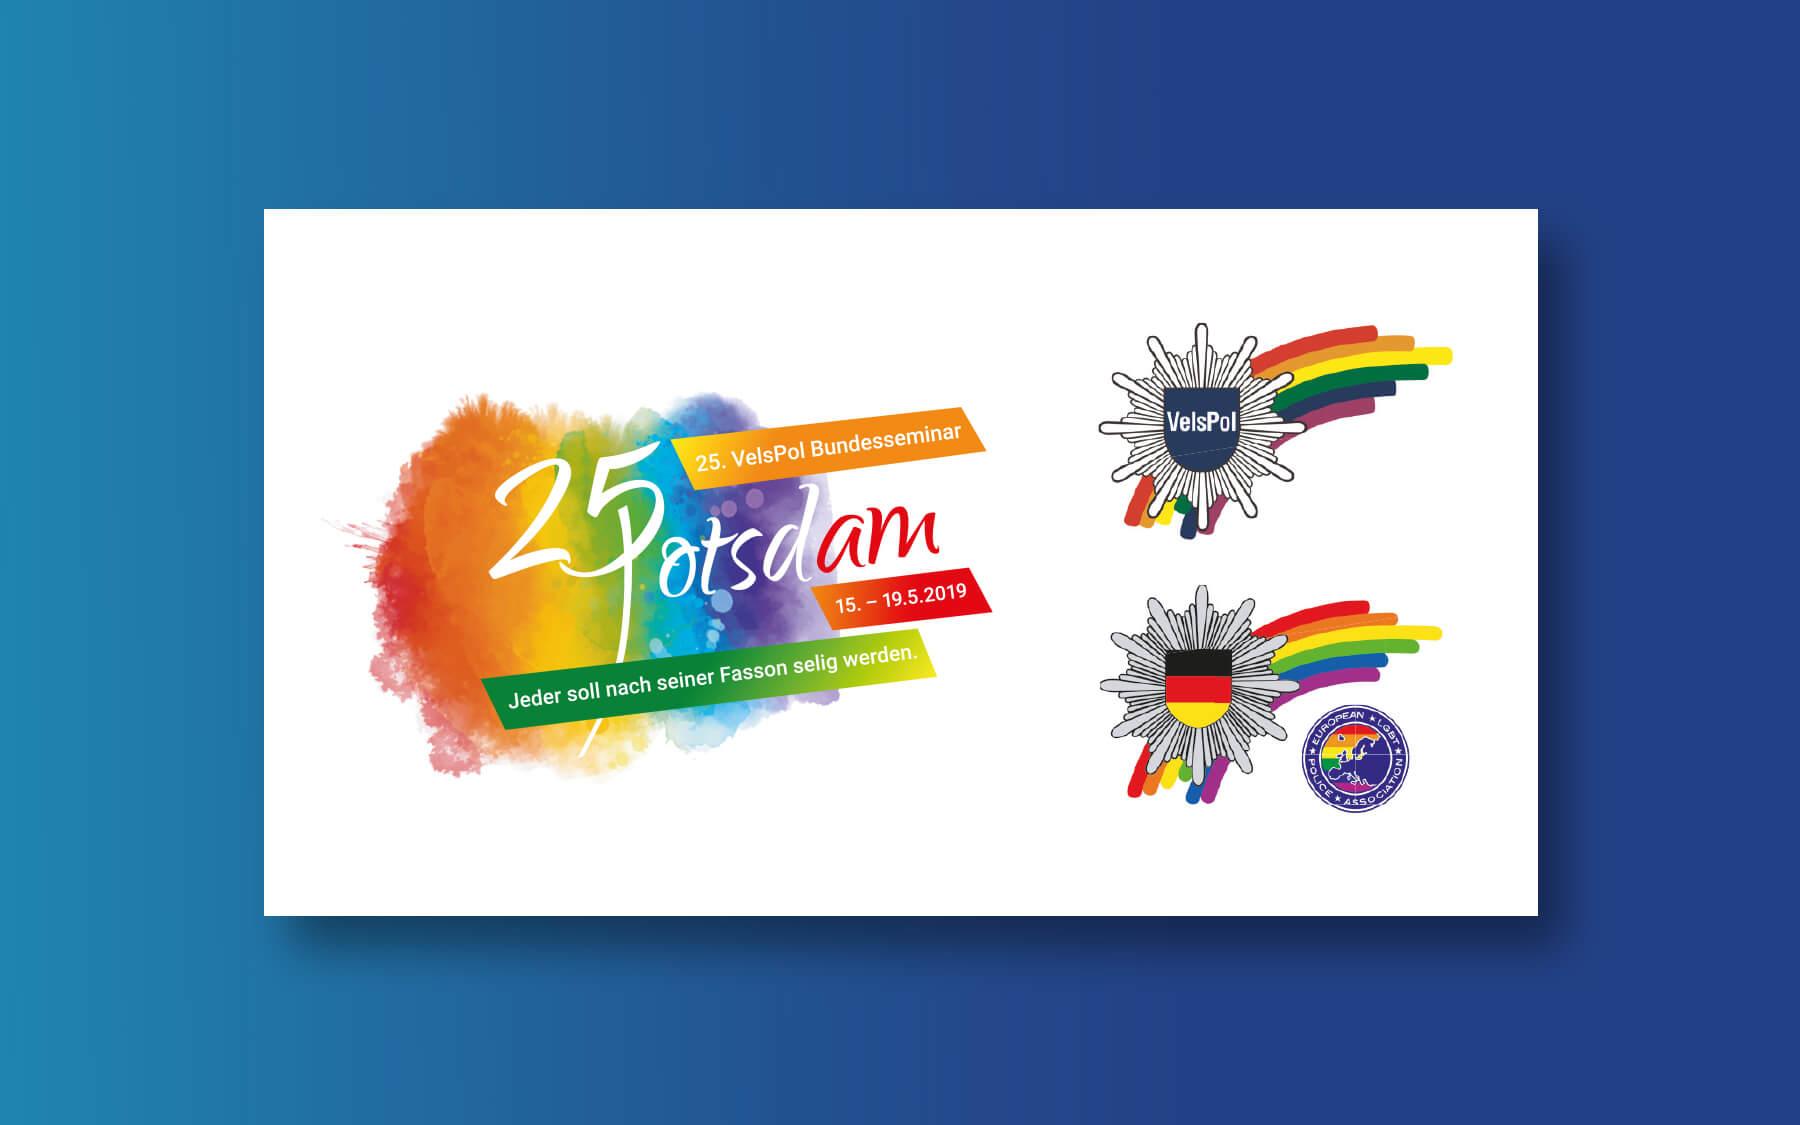 logo erstellen branding agentur berlin werbeagentur berlin corporate design logo 25 potsdam